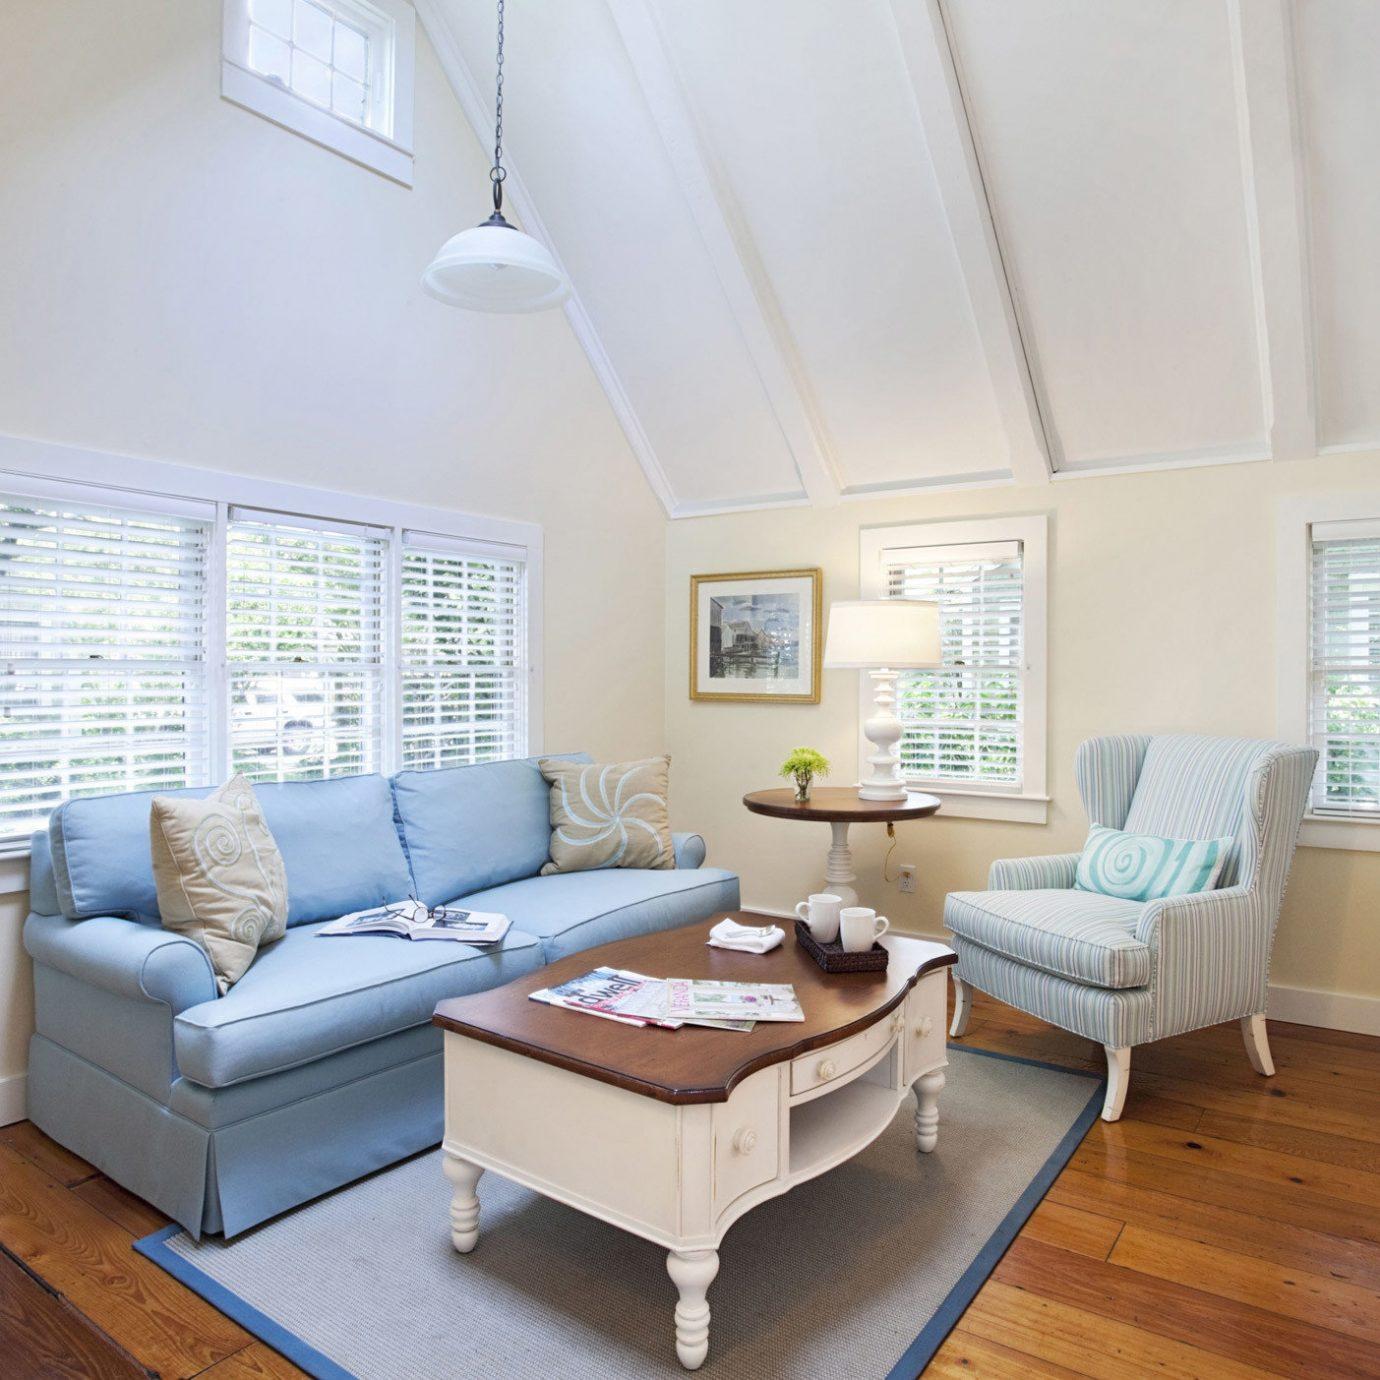 property living room Bedroom home hardwood cottage bed frame flooring